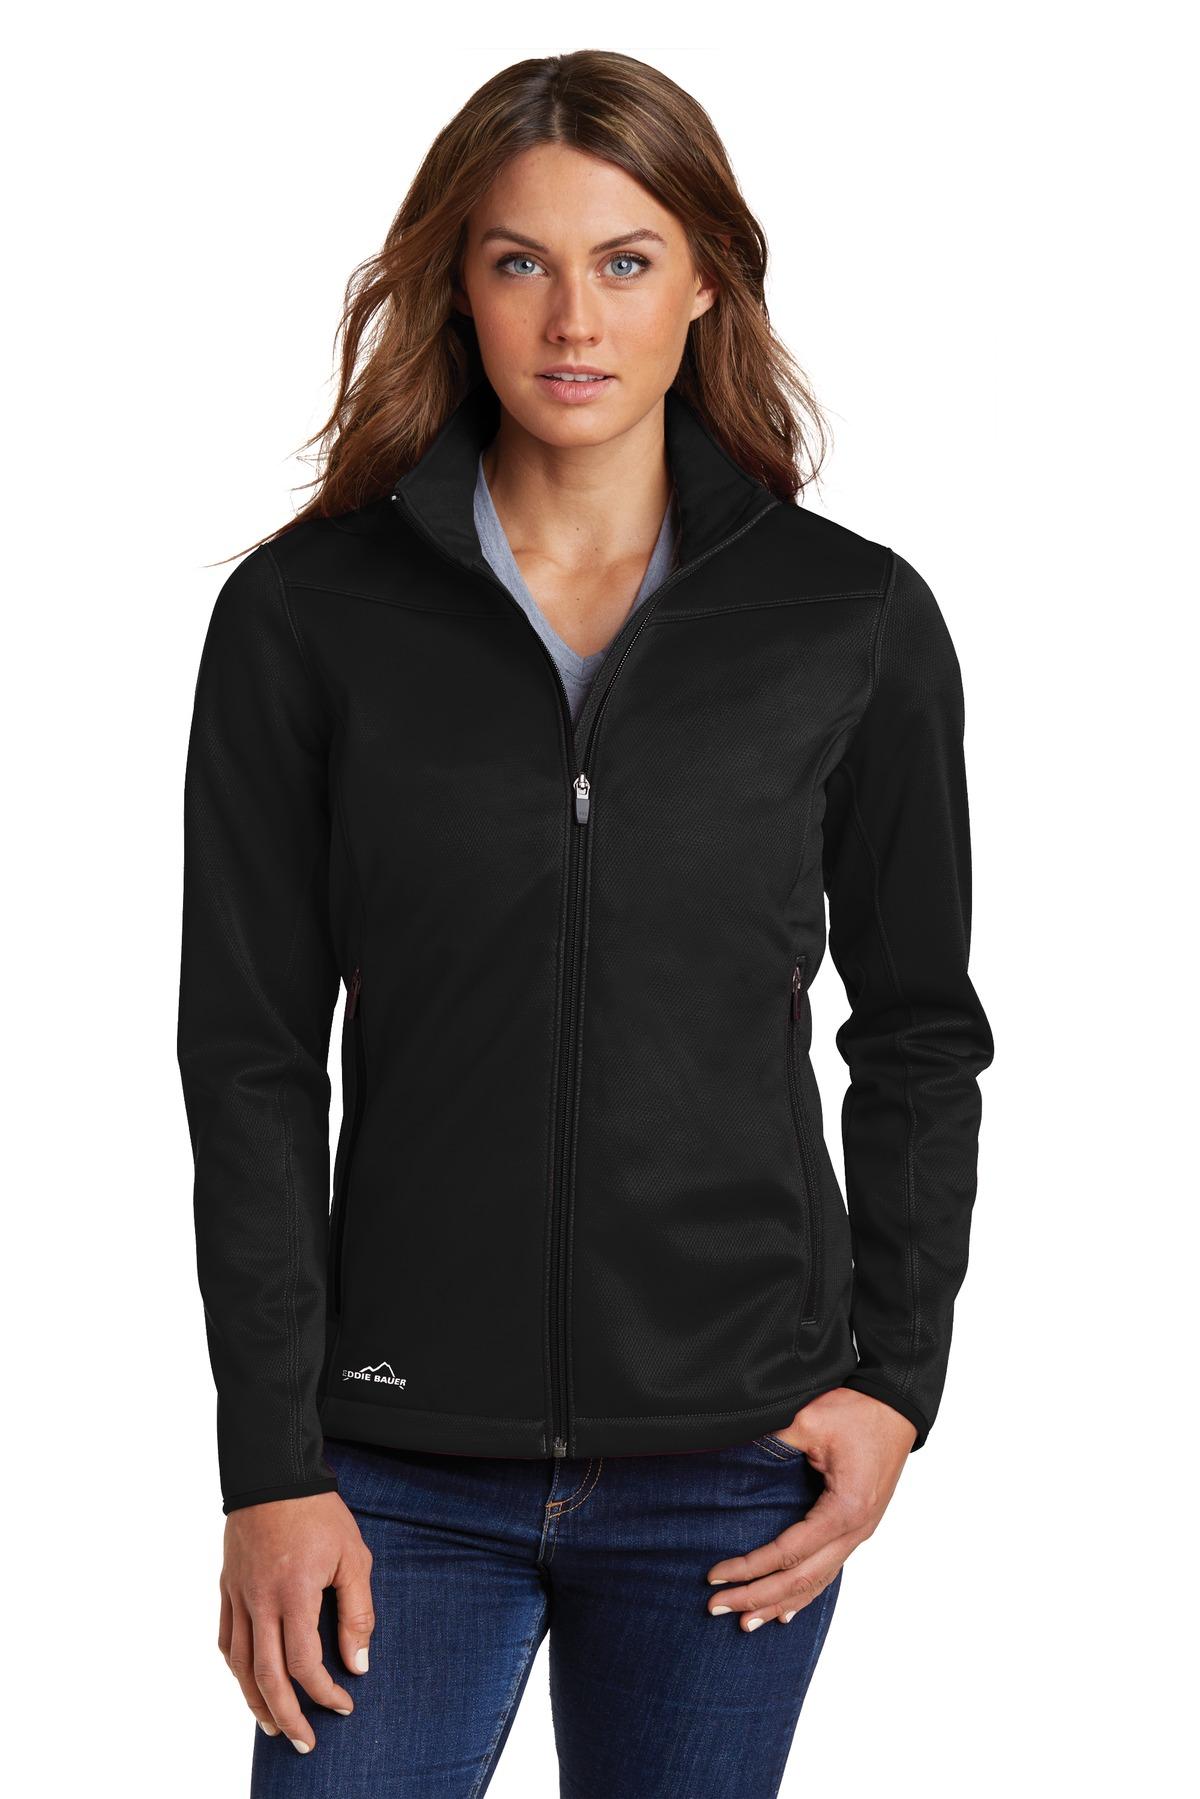 Eddie Bauer  EB539 - Ladies Weather-Resist Soft Shell Jacket